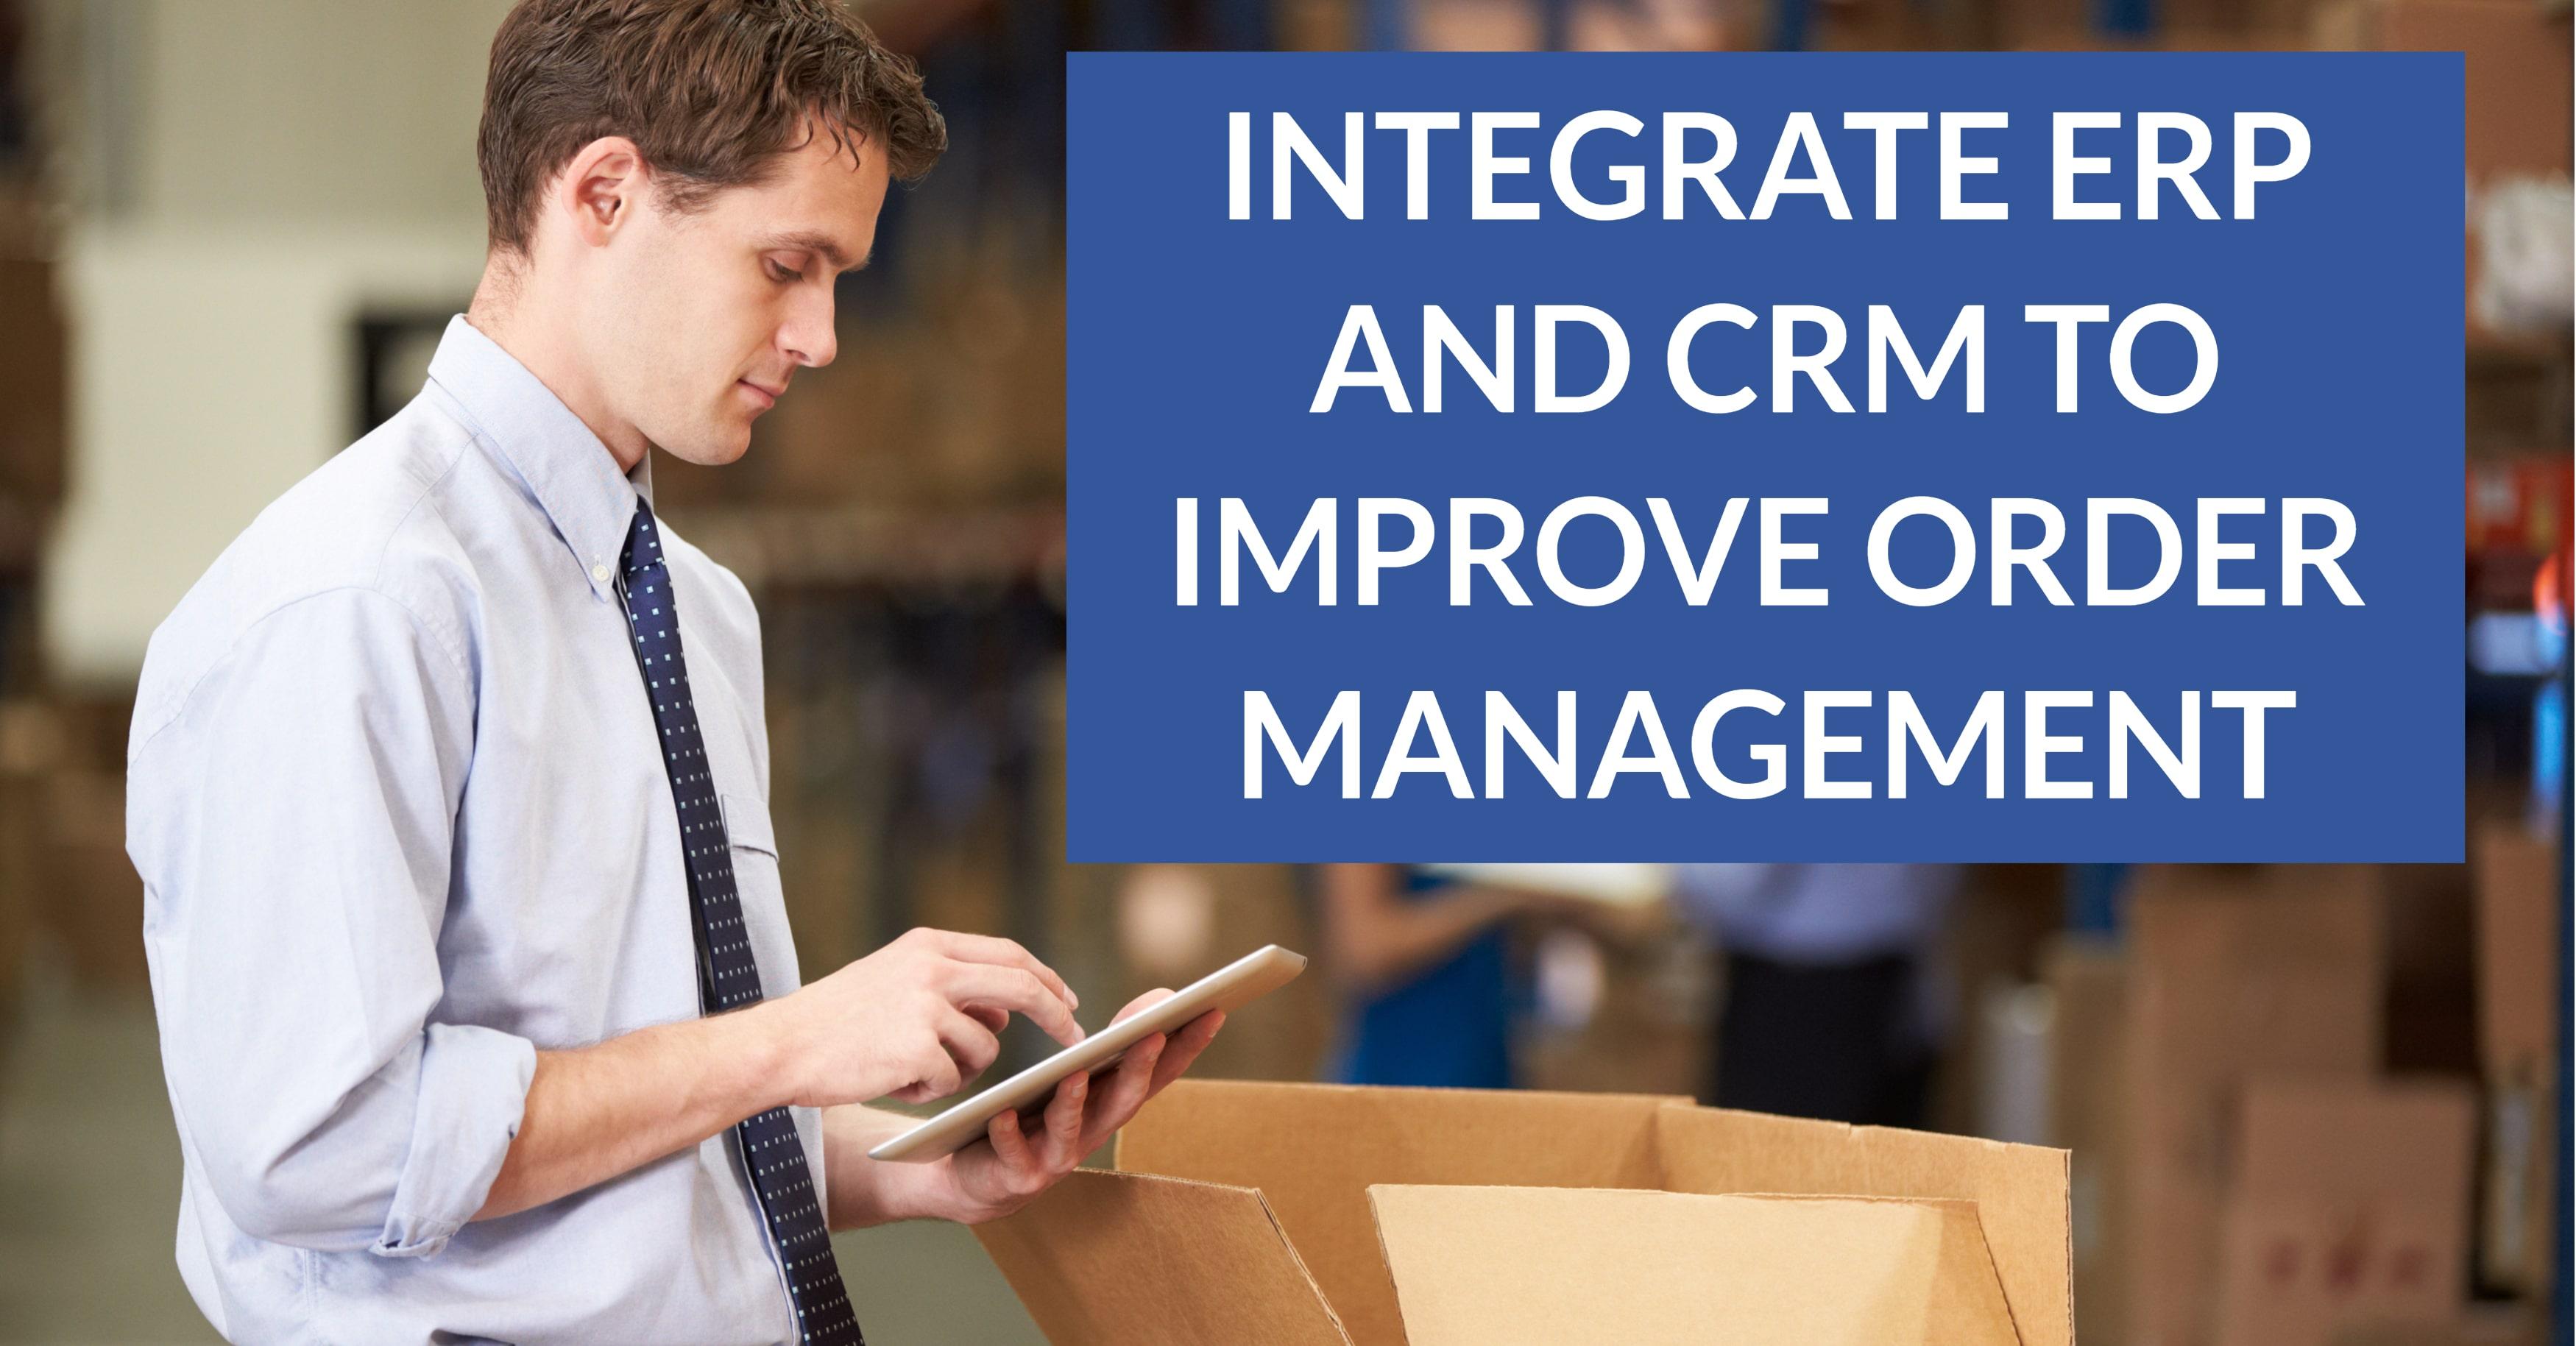 crm-erp-integration-order-min